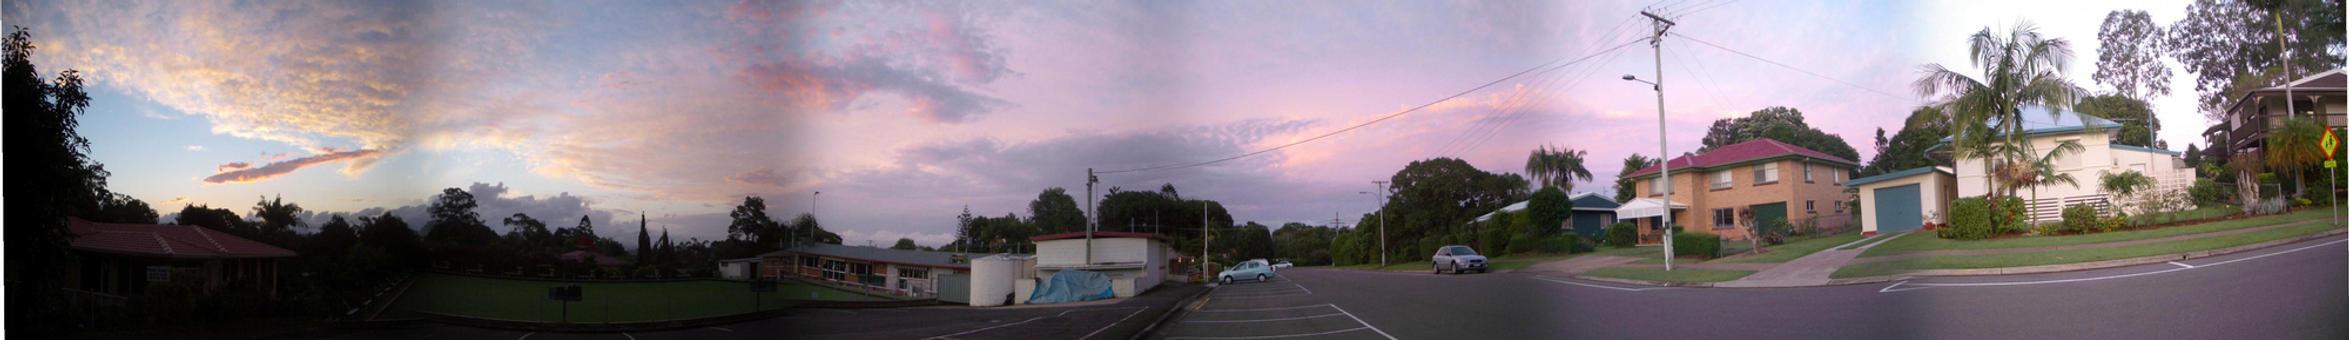 Sunset Panorama by fiashy